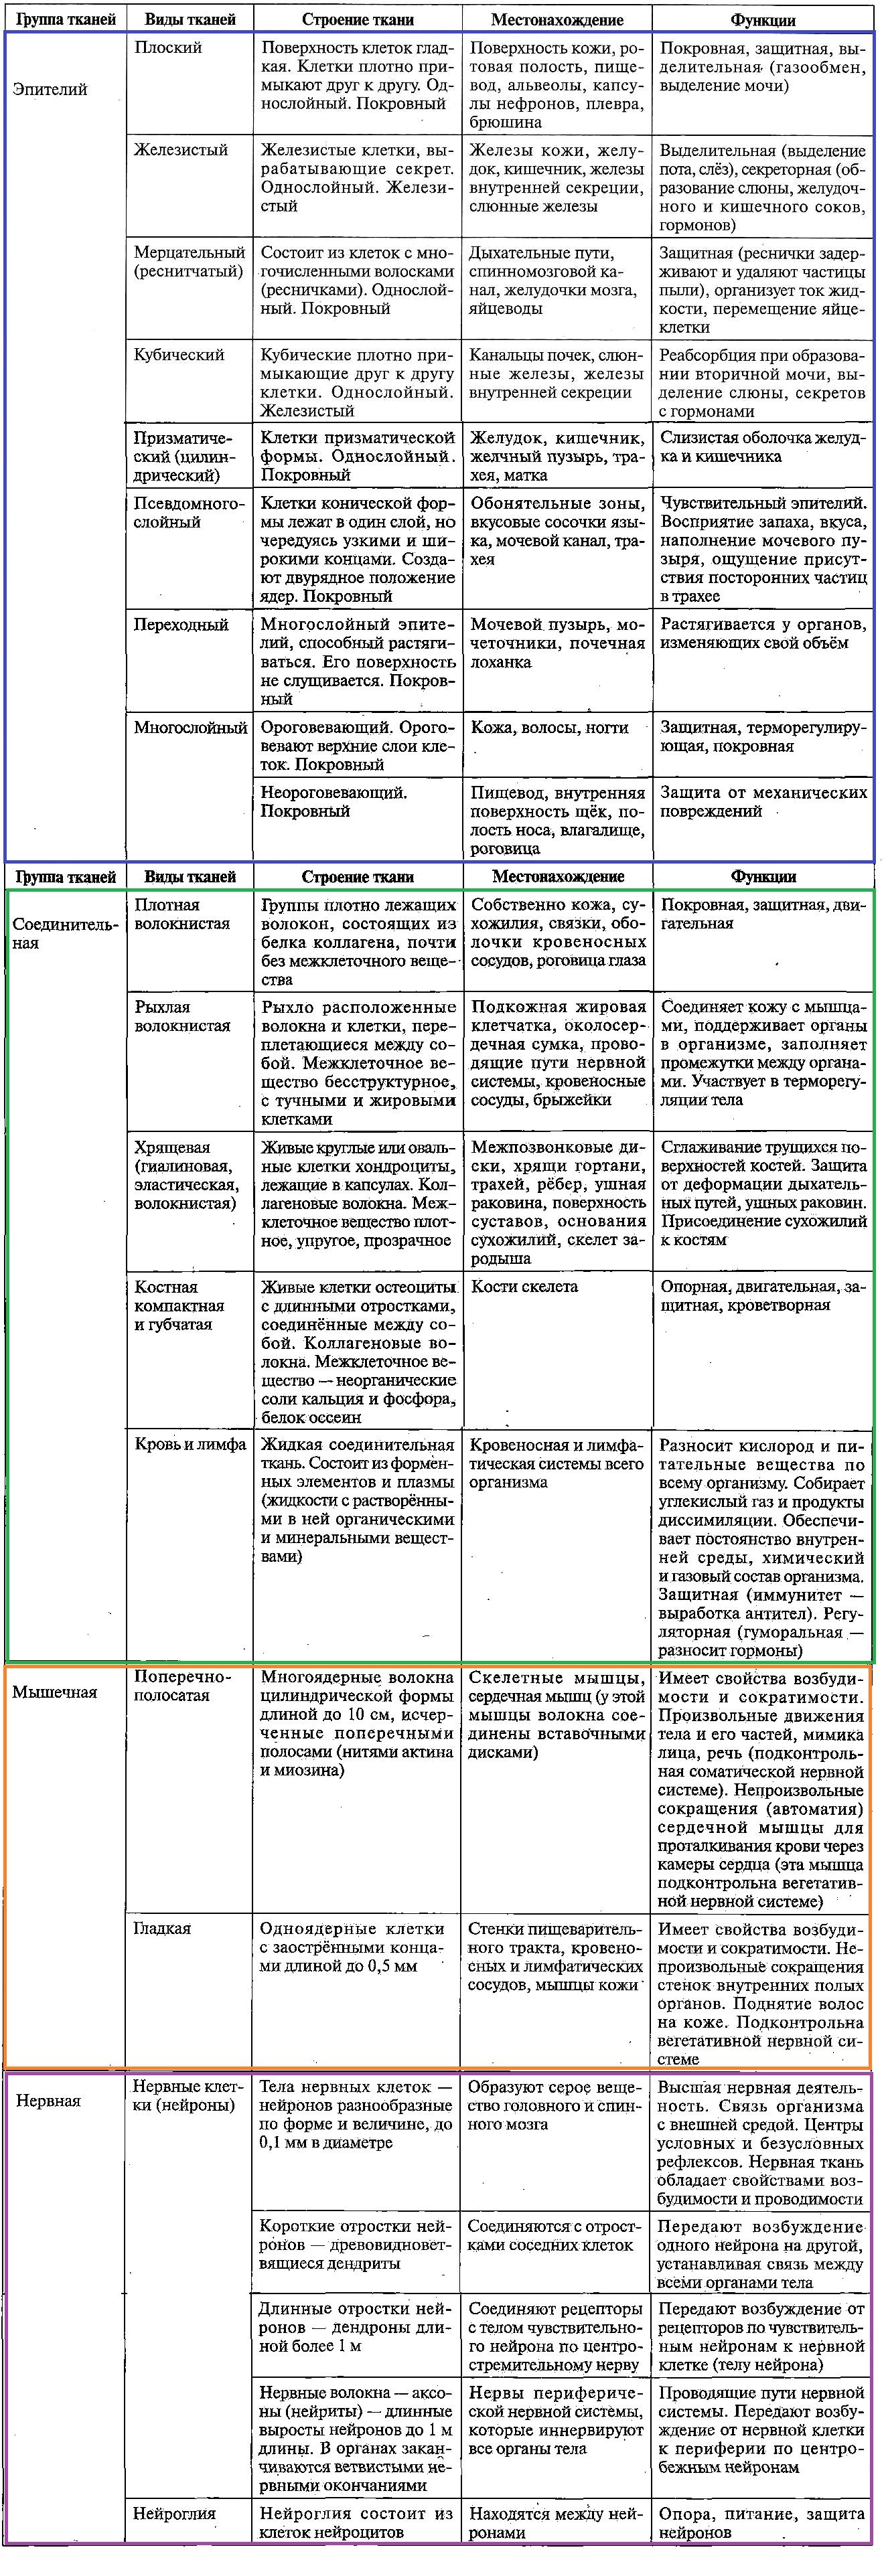 БИОЛОГИЯ ЧЕЛОВЕКА. Часть 1. Ткани человека